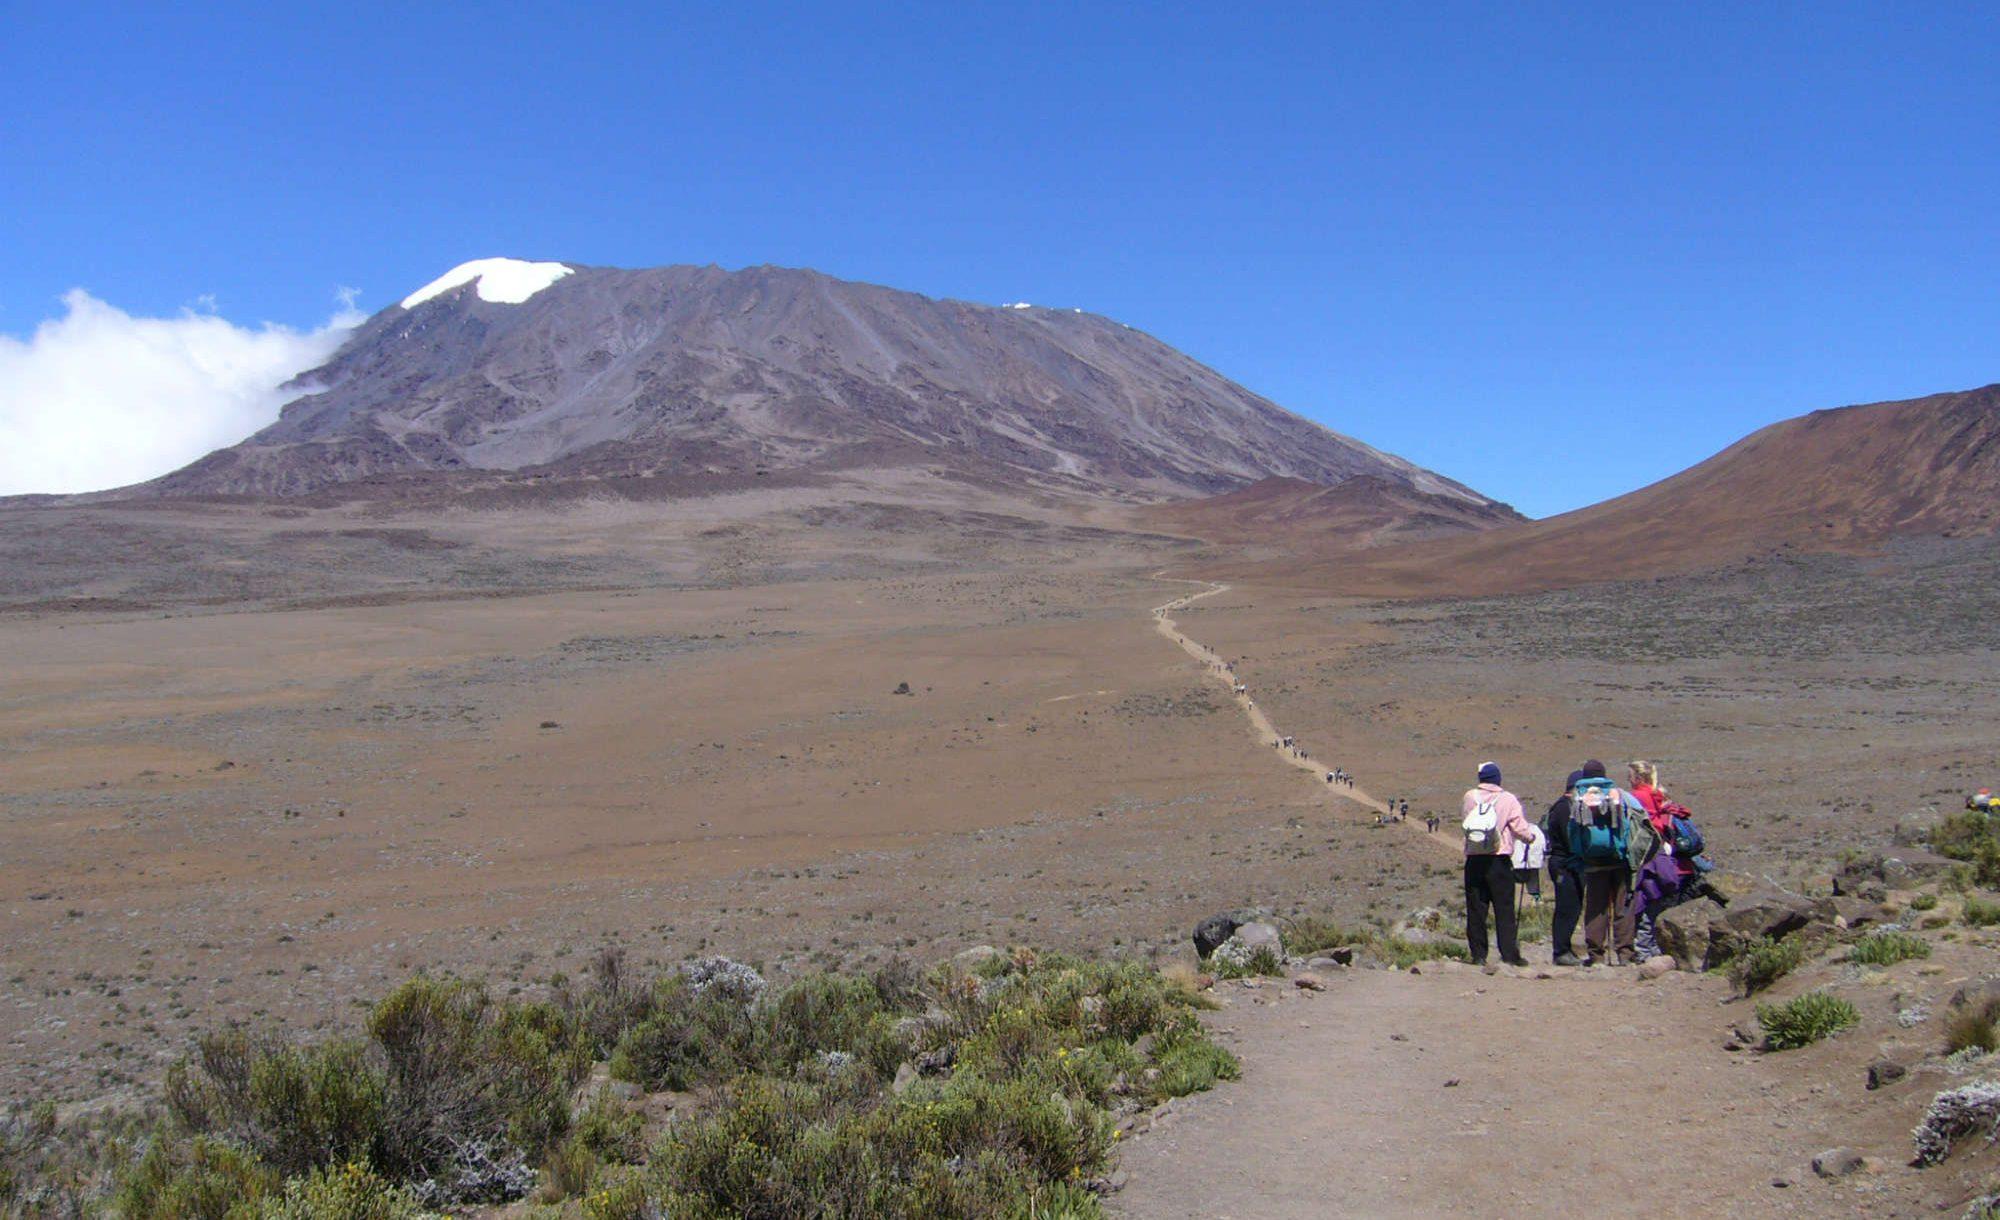 タンザニア/キリマンジャロ(5,895m)登頂マチャメルート11日間